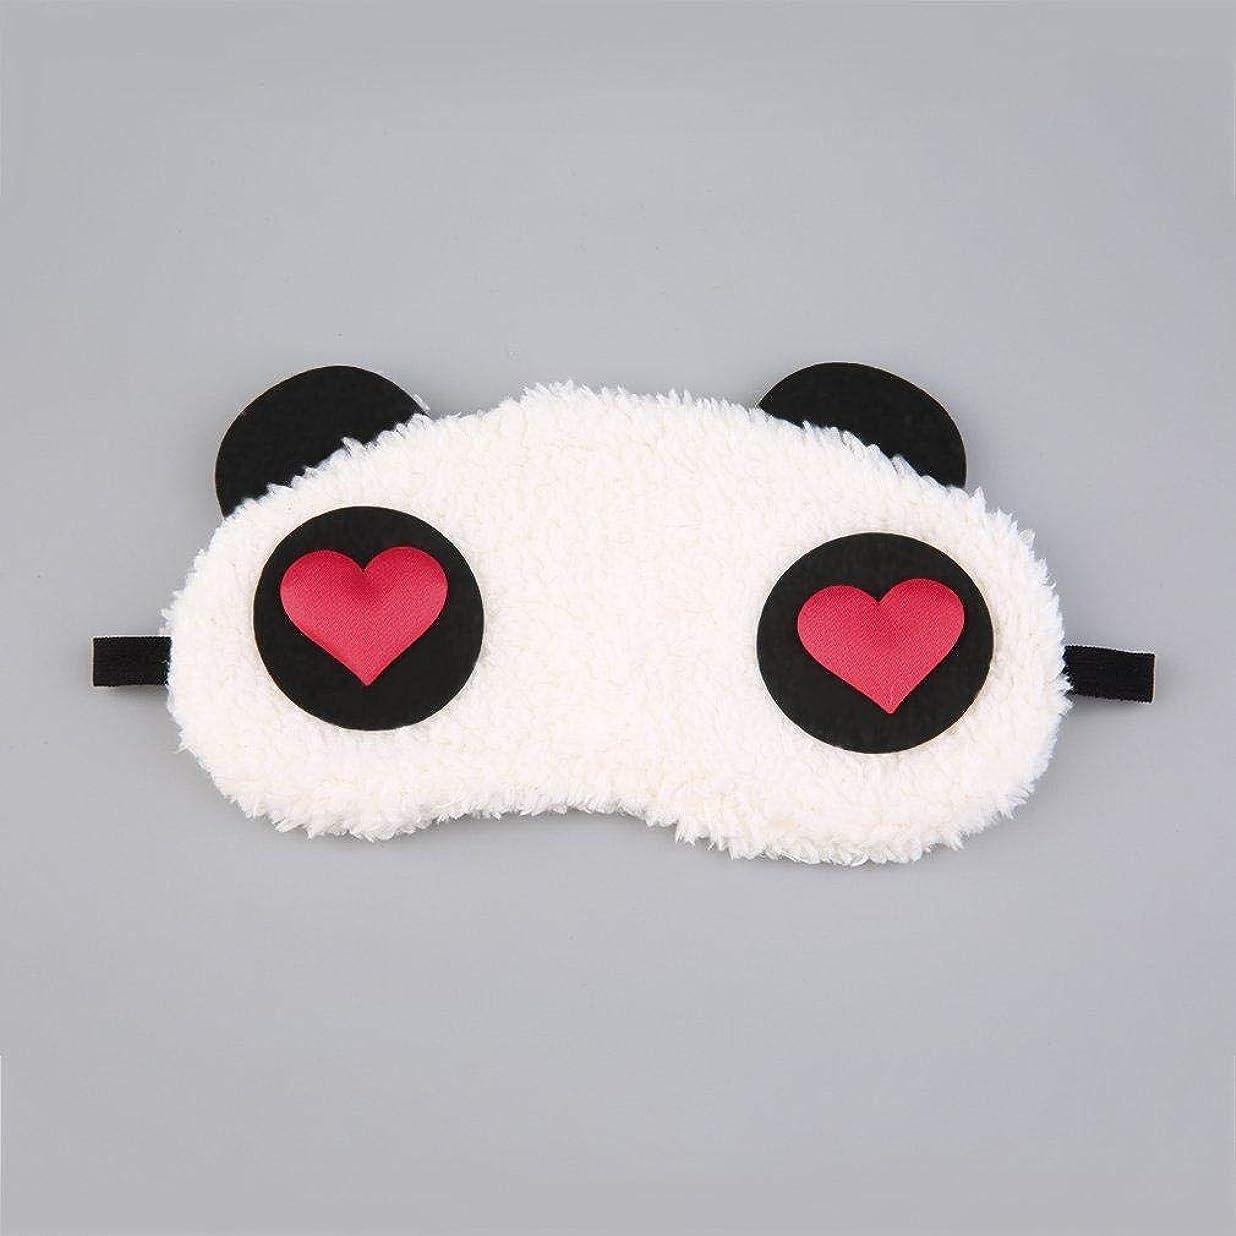 アサート飼い慣らす適応的NOTE かわいい顔ホワイトパンダアイシェードシェーディングコットンゴーグルアイマスク睡眠アイカバーコットンゴーグルアイマスク睡眠マスクアイカバー